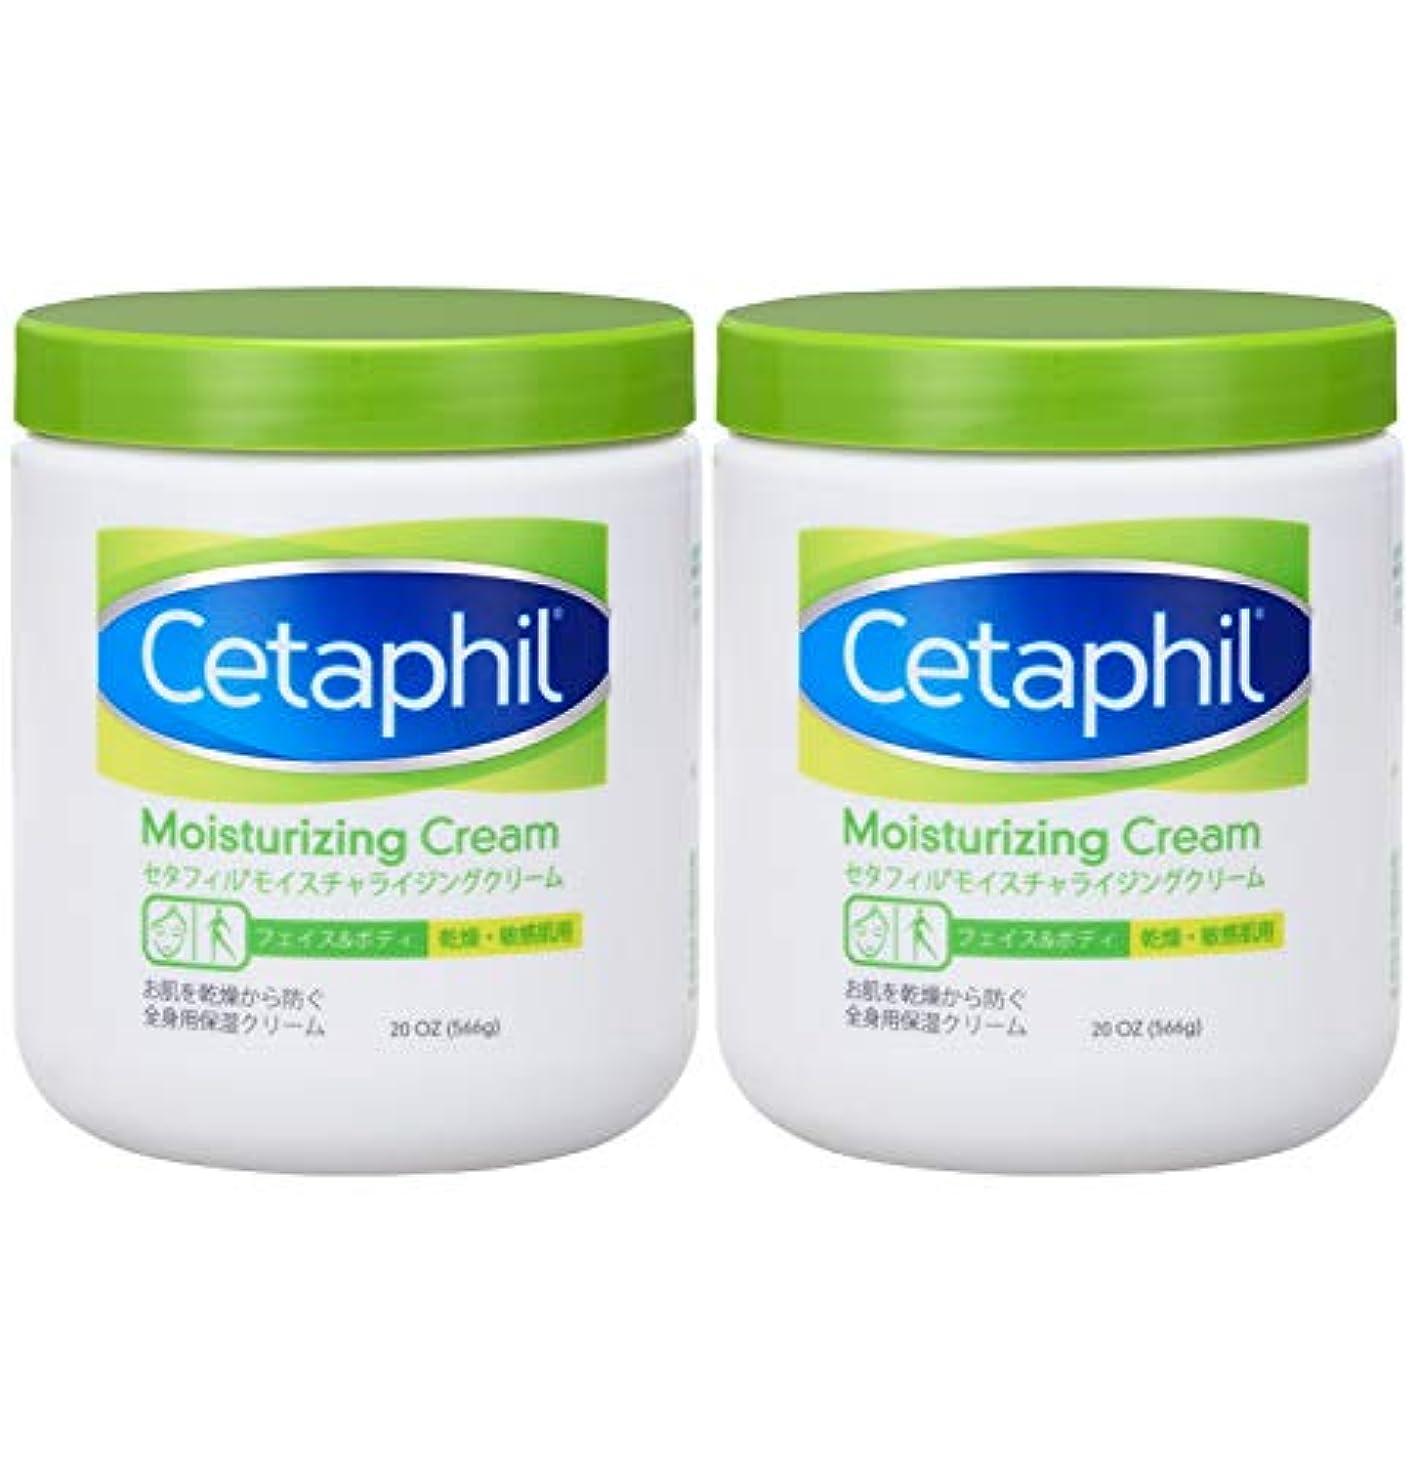 隣接する継続中隣接するセタフィル Cetaphil ® モイスチャライジングクリーム 566ml 2本組 ( フェイス & ボディ 保湿クリーム クリーム )